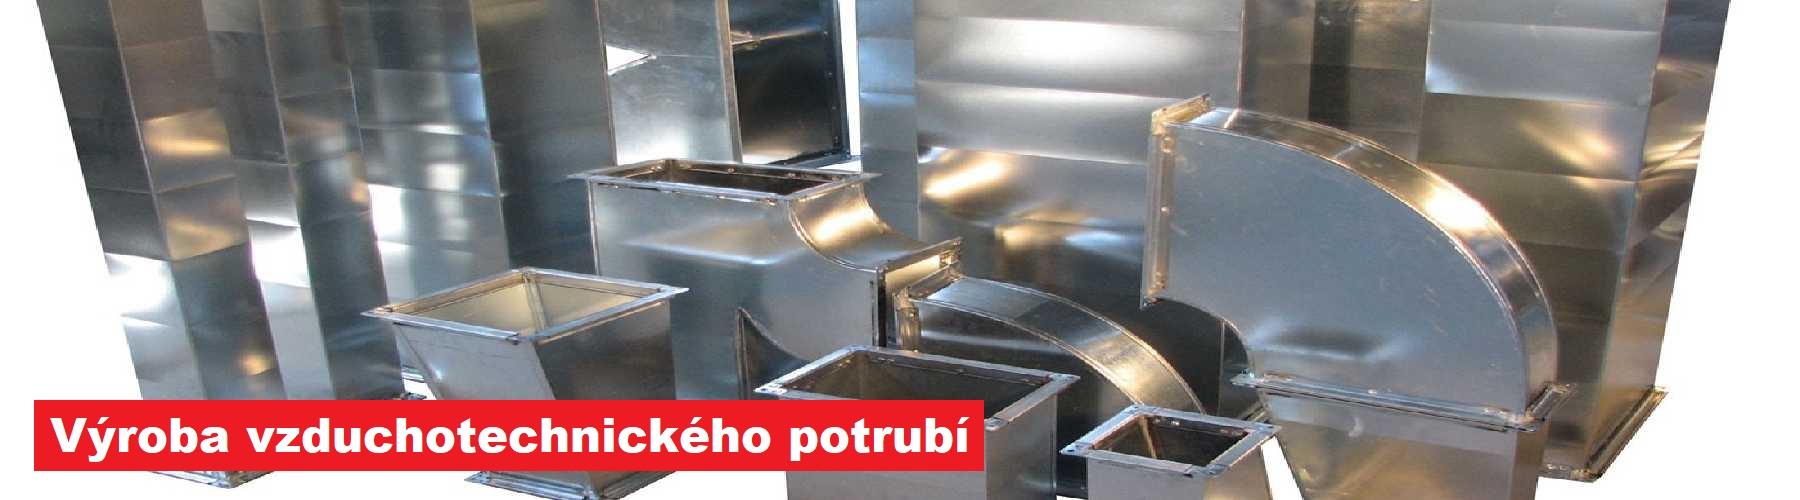 Výroba vzduchotechnického potrubí